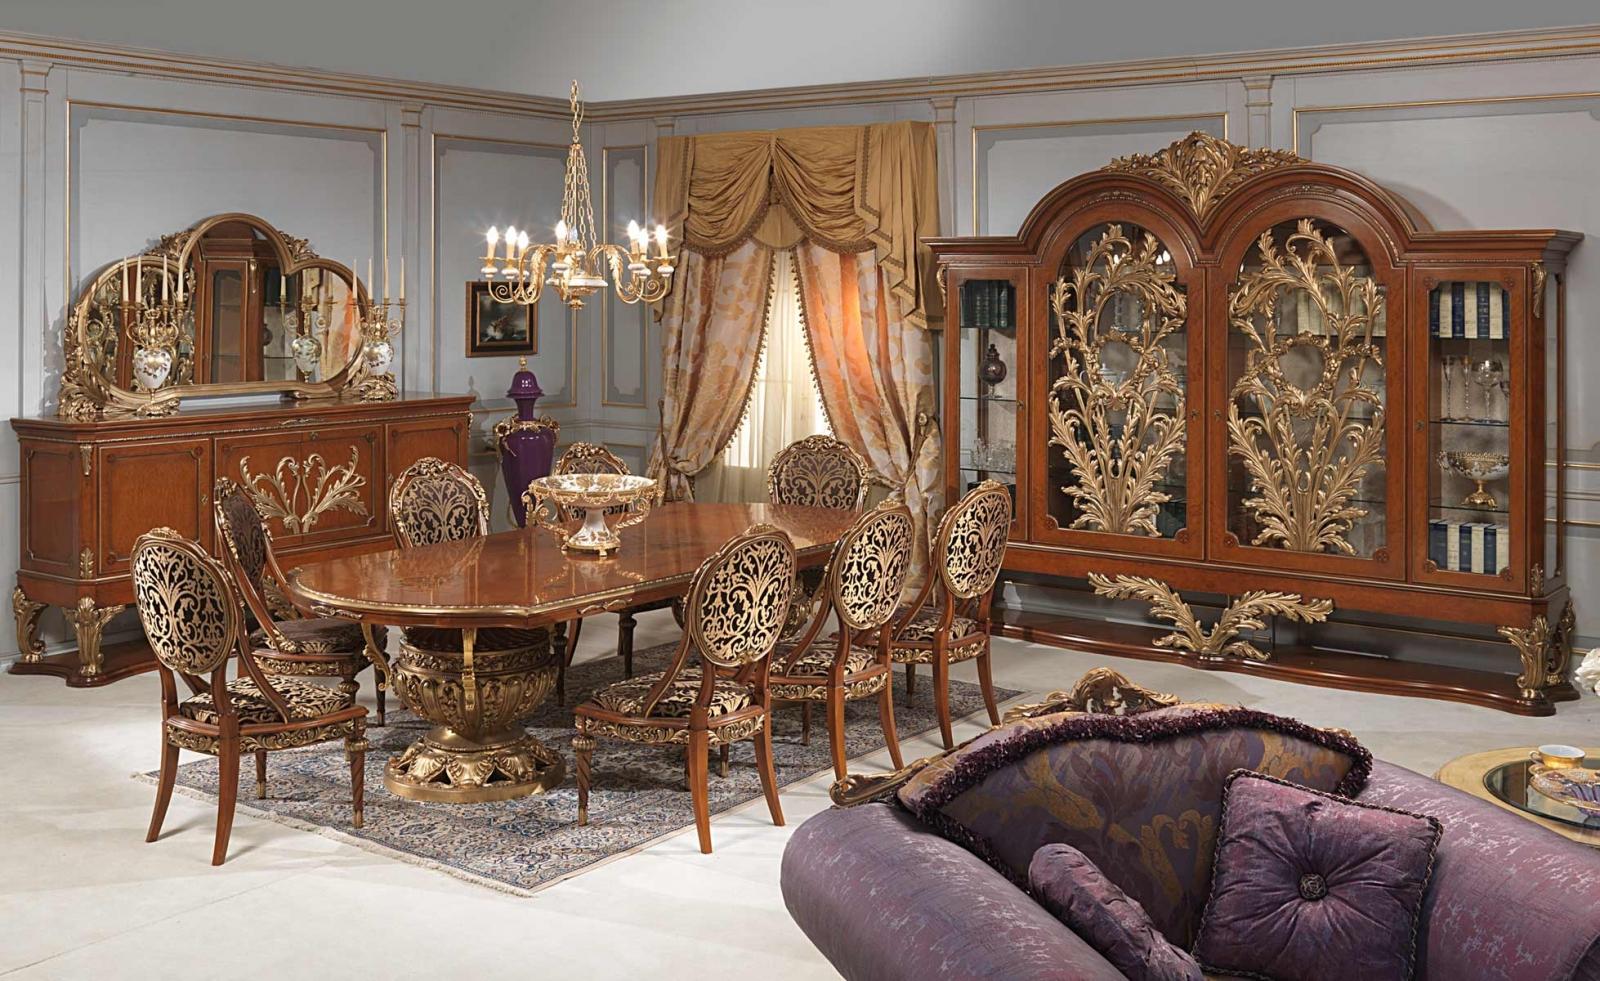 Узбекистан в прошлом году экспортировал мебельную продукцию на 3,5 миллиона долларов